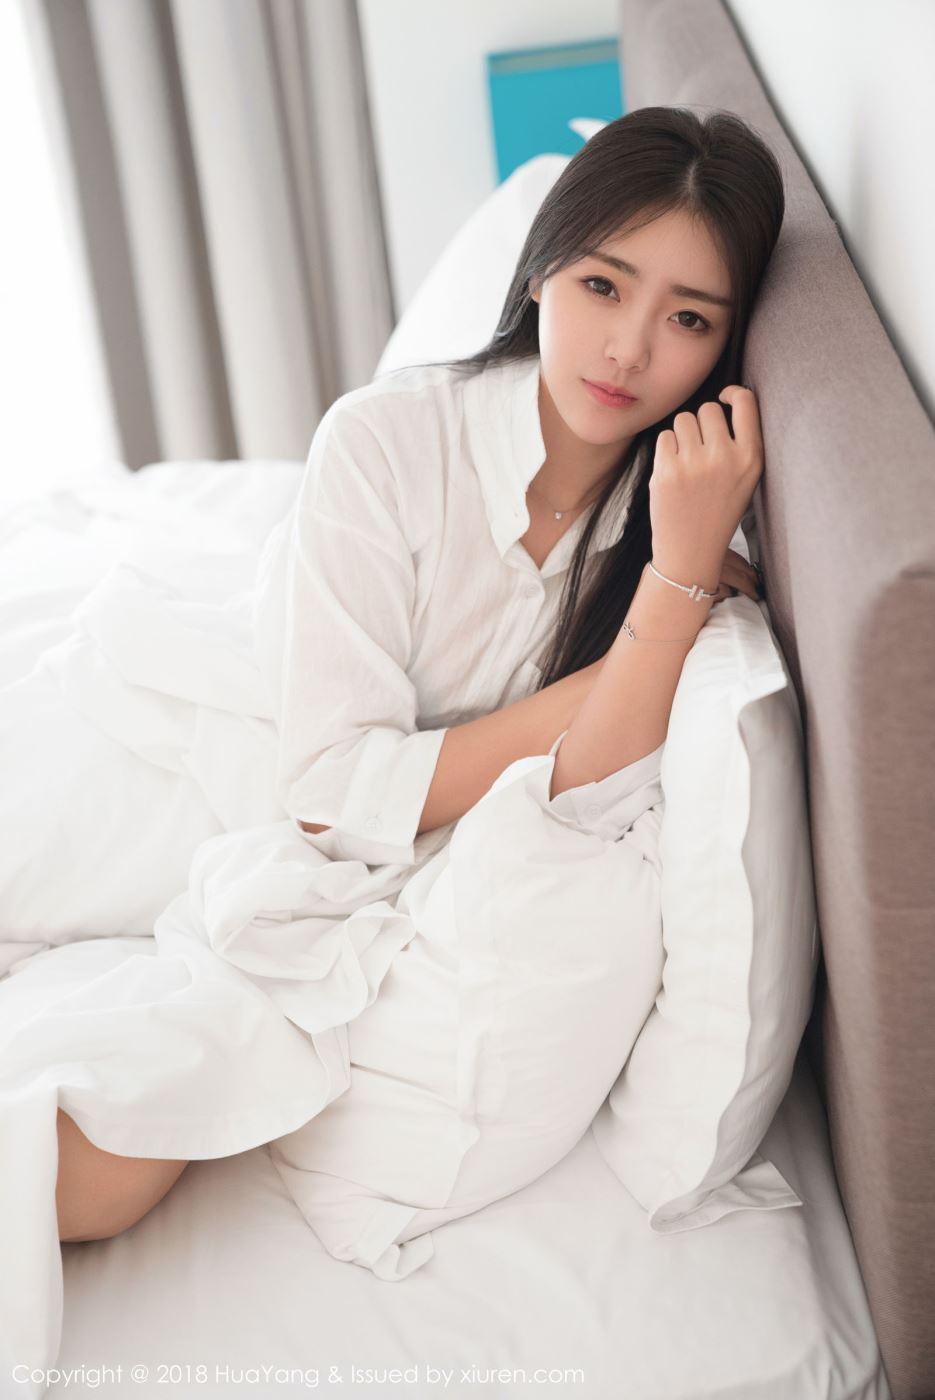 清纯美女模特可乐Vicky白衬衫身材苗条美腿诱人写真图片